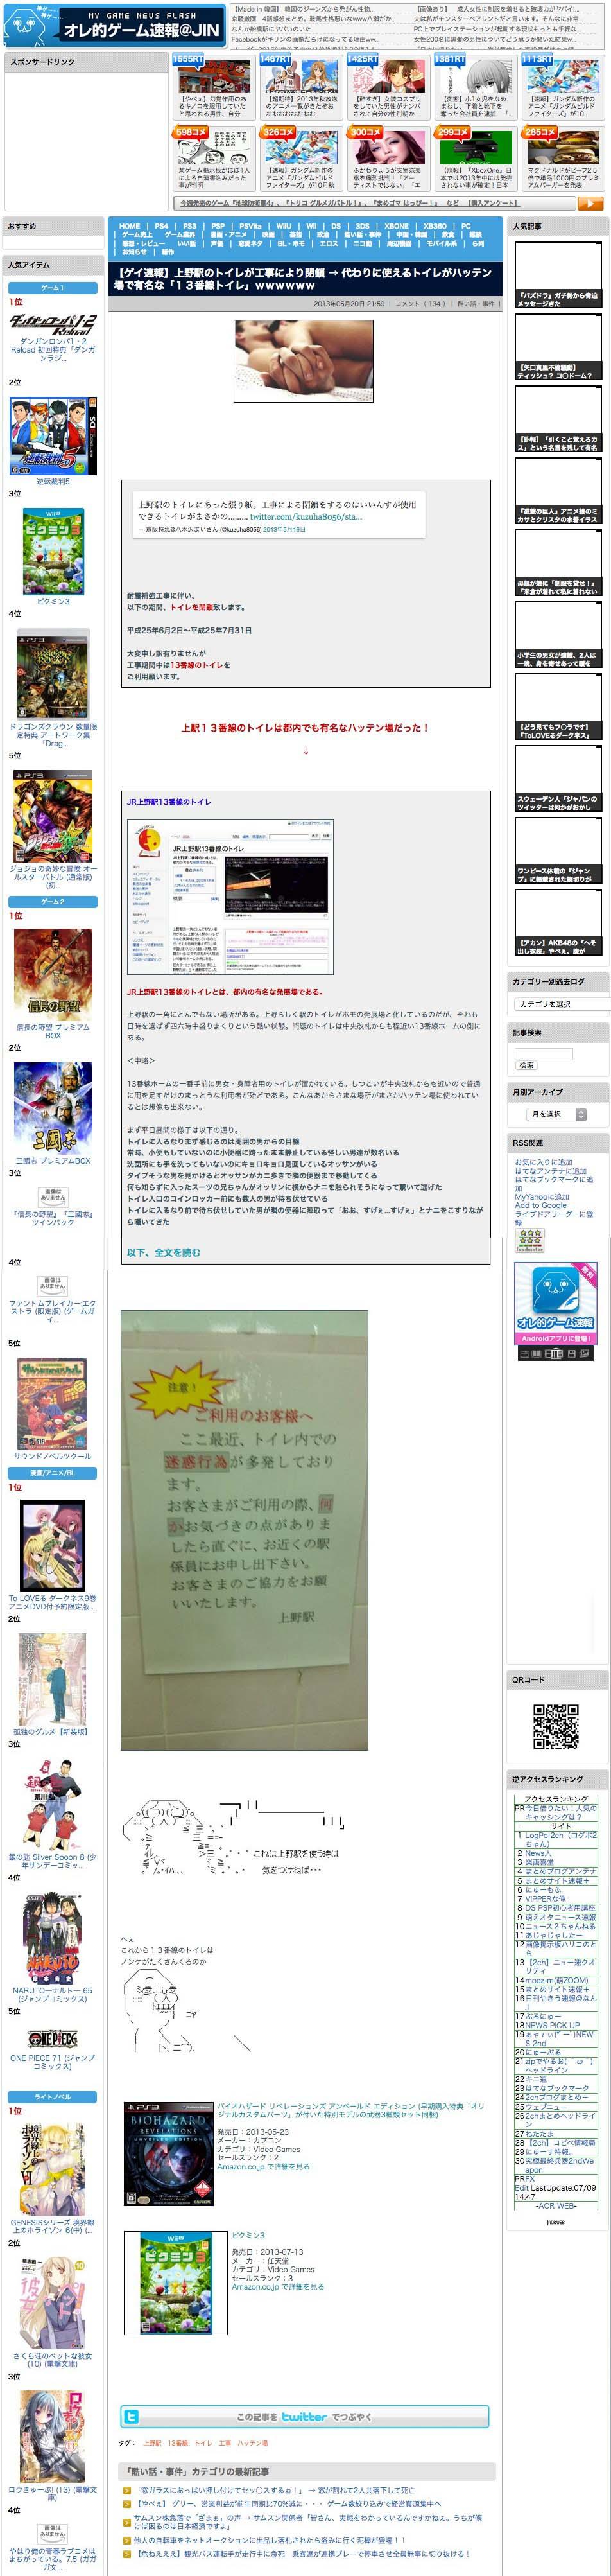 上野のゲイ専用トイレを報じるオレ的ゲーム速報